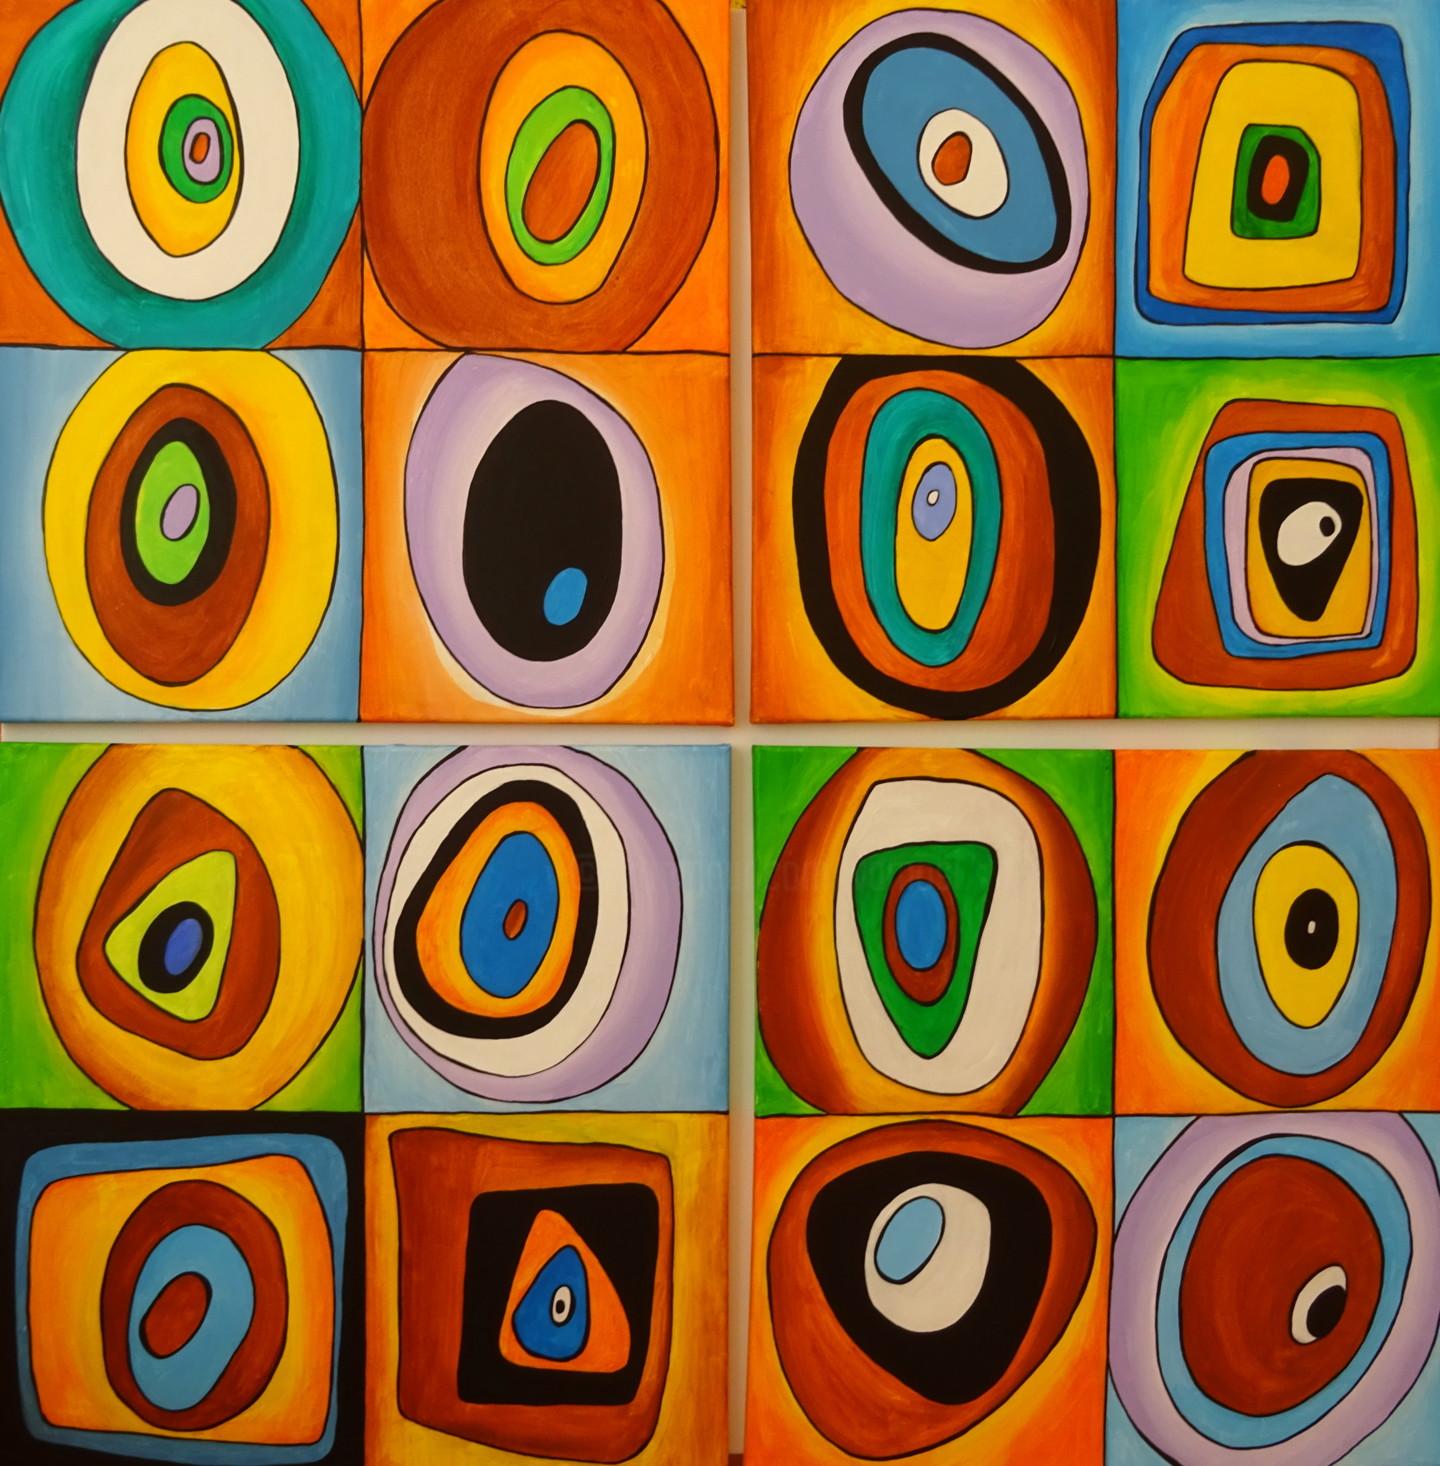 Peter Vamosi - Mosaic of colors